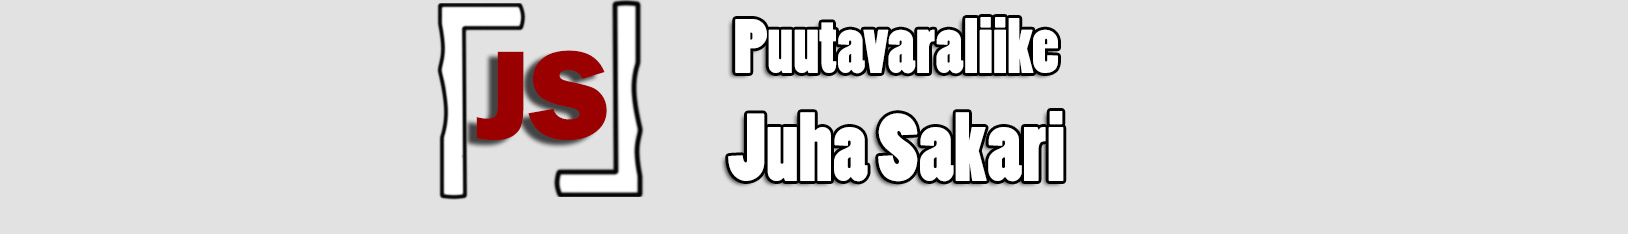 Puutavaraliike Juha Sakari